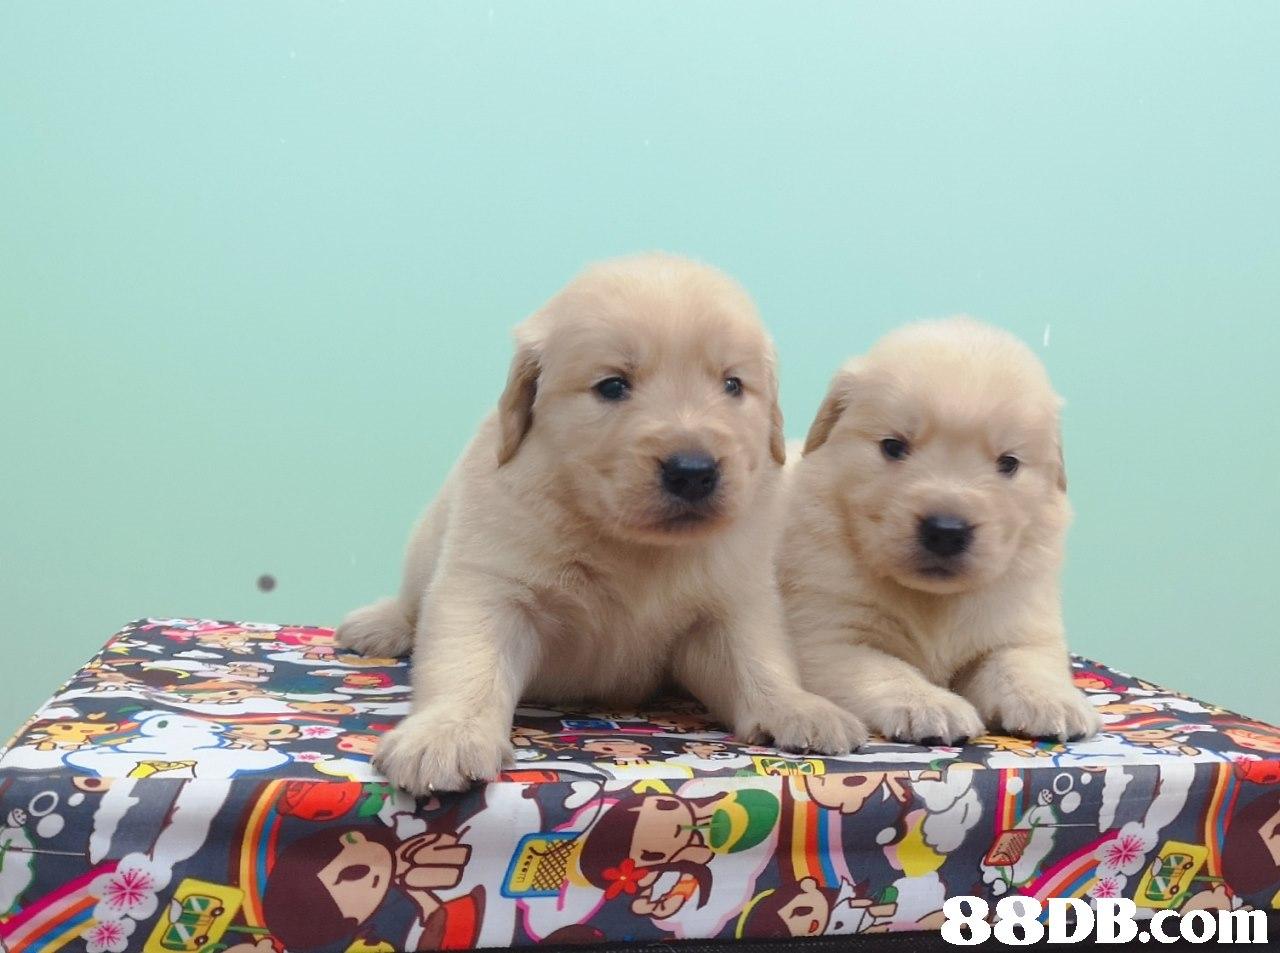 dog,dog like mammal,retriever,golden retriever,dog breed